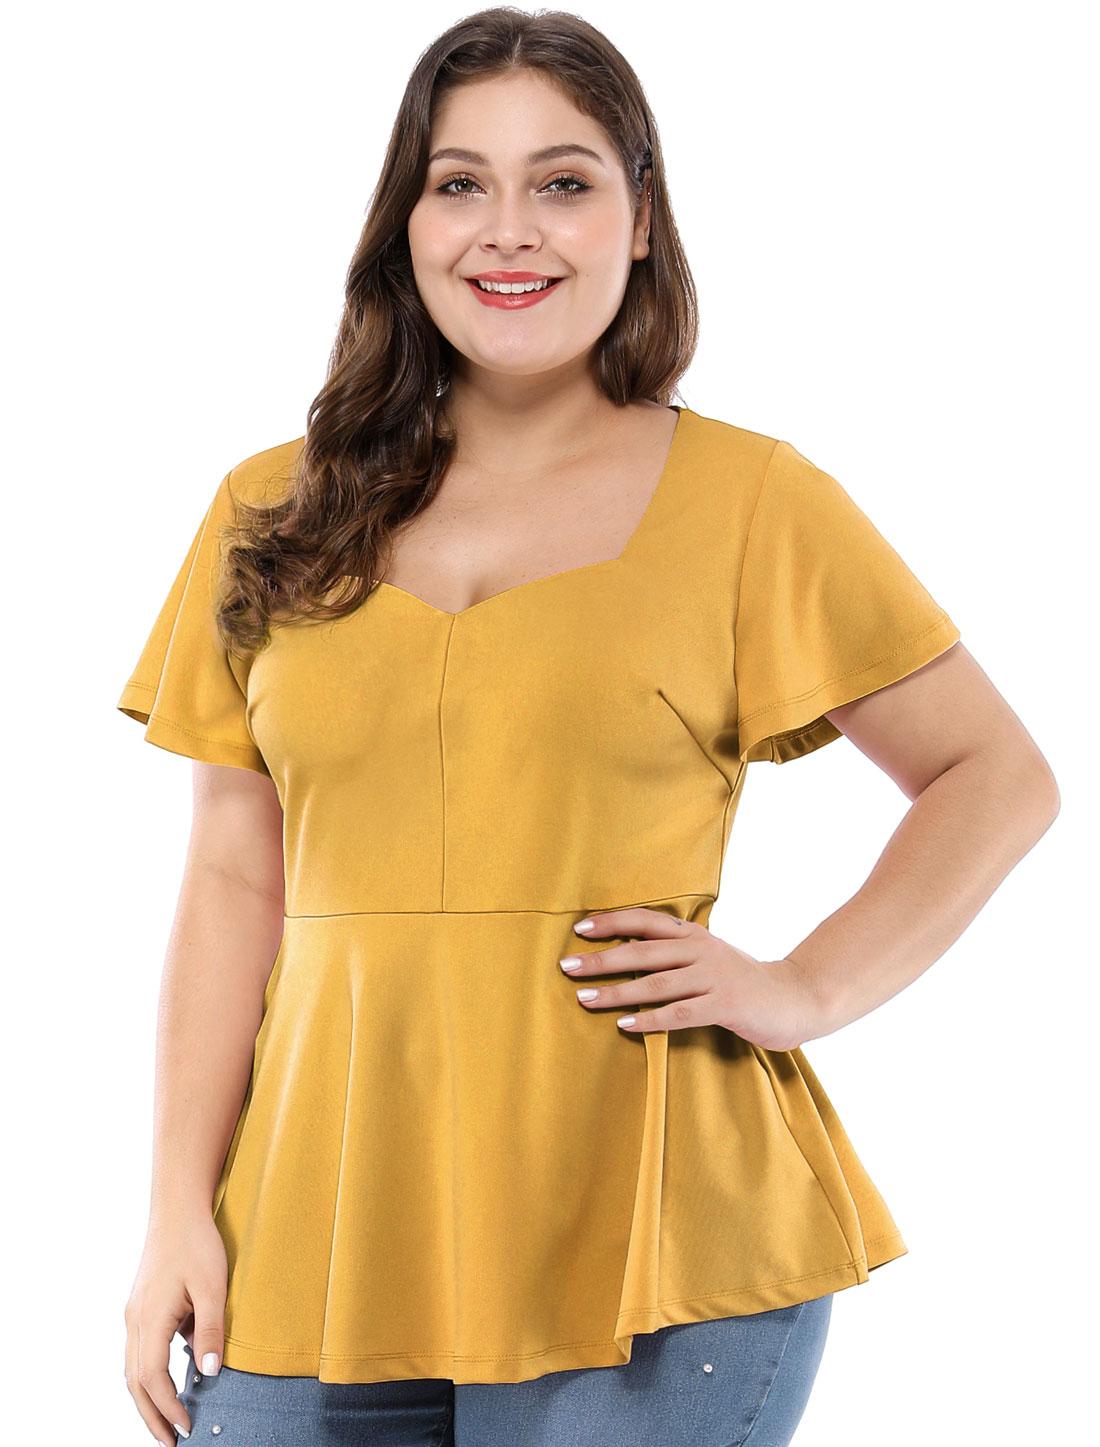 Women's Plus Size Ruffle Sleeves Sweetheart Peplum Top Yellow 4X